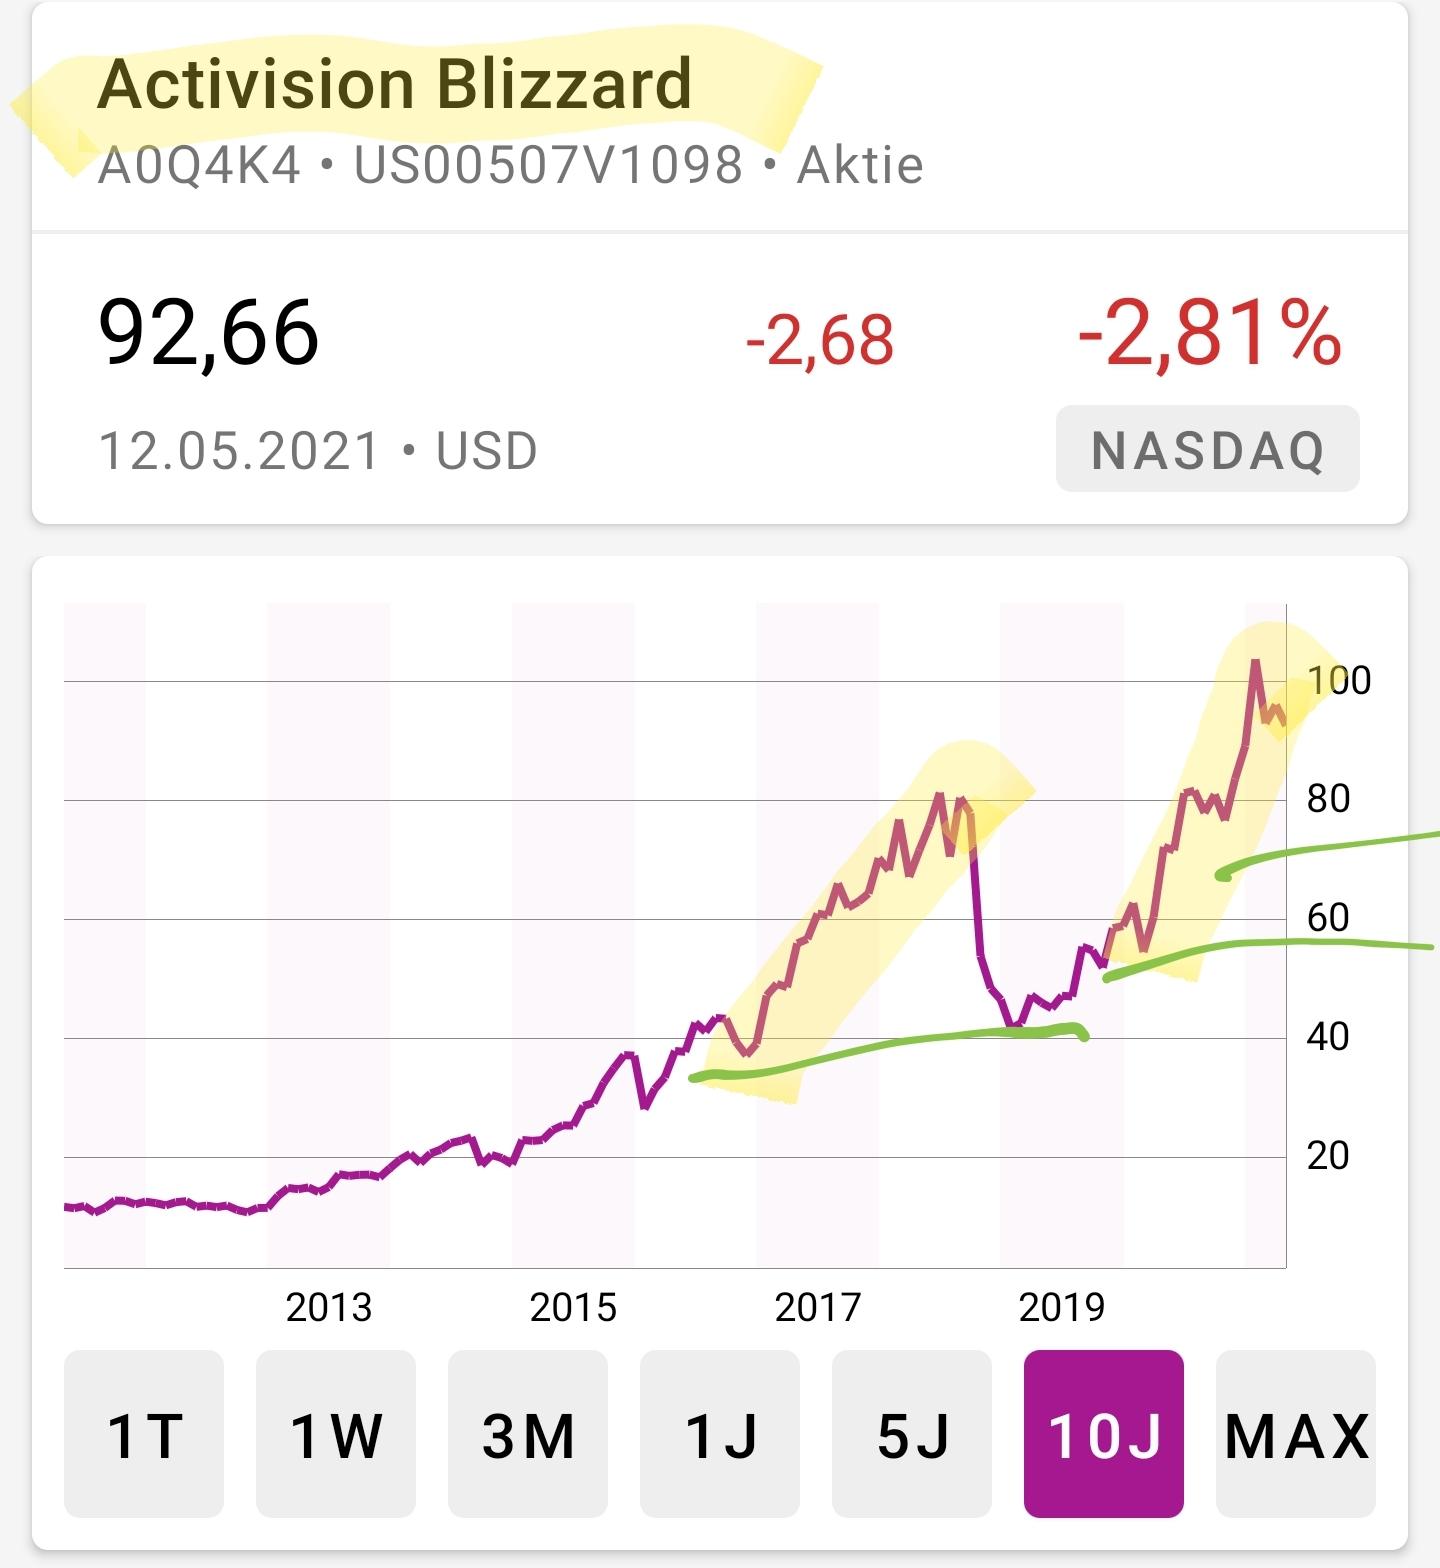 50 Hype-Aktien: Total Return Strategie mit Short-Zertifkate - Trendbetter.de - Aktien & Börse